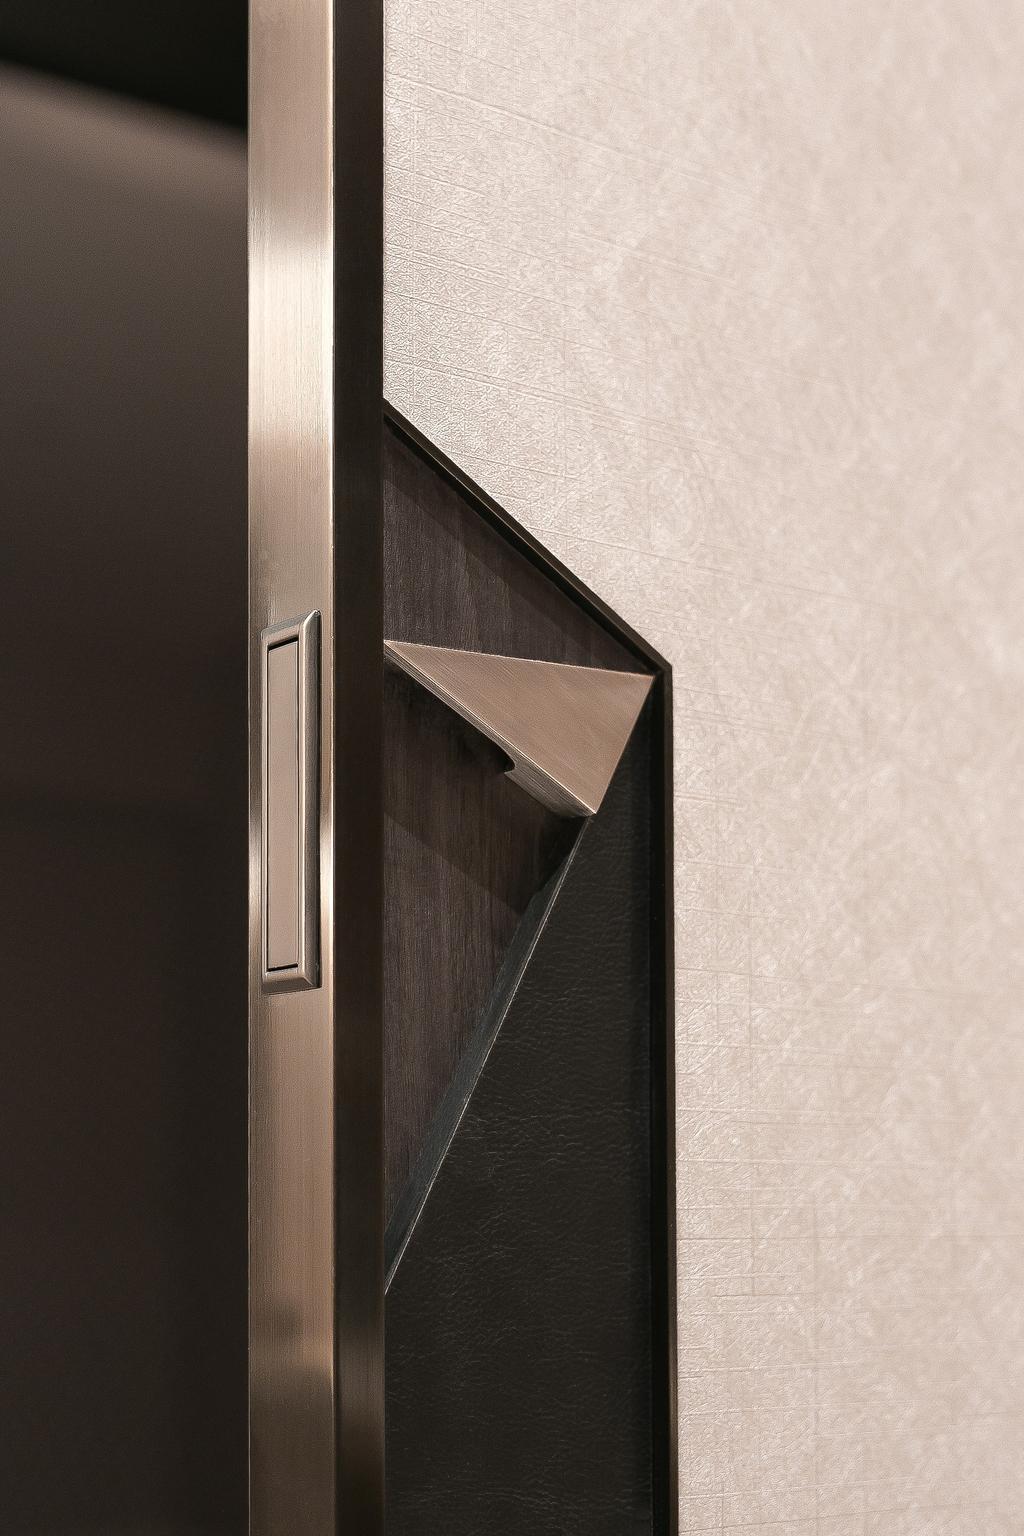 私家樓, 嘉峰臺, 室內設計師, HIR 建築設計室, Triangle